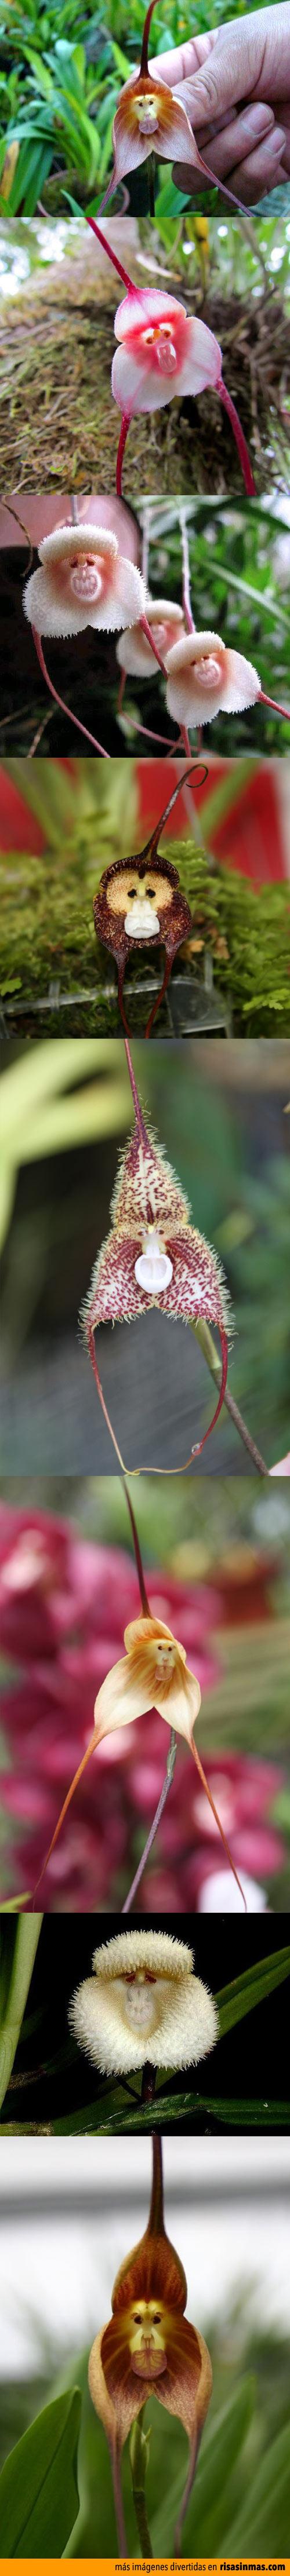 Increíbles orquídeas con cara de mono